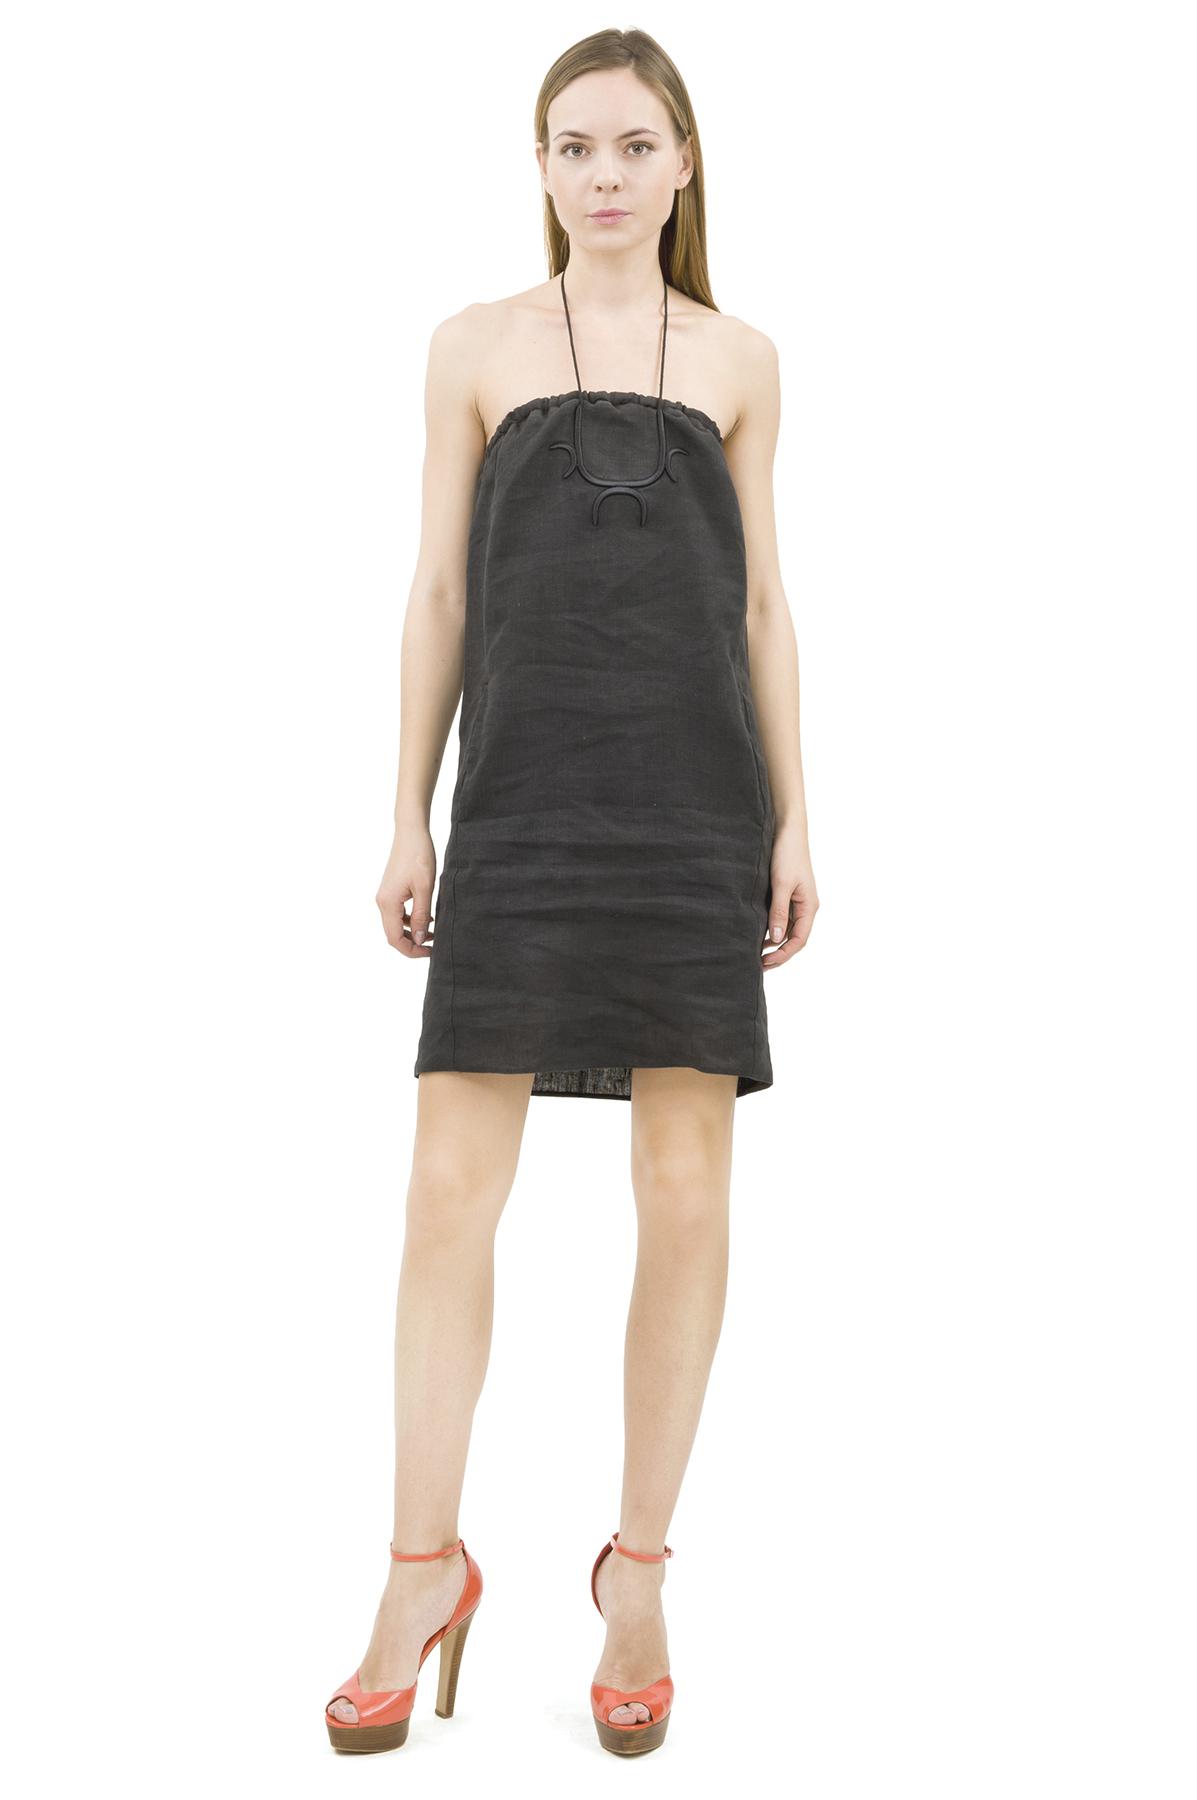 СарафанПлатья,  сарафаны<br>Платье бренда Pavel Yerokin выполнено из европейского льна. Детали: прямой силуэт, регулируемый шнур на шее, эластичный верх с завязкой, вышивка на груди, два кармана по бокам.<br><br>Цвет: черный<br>Состав: 100% лен<br>Размер: 40,42,44,46,48,50<br>Страна дизайна: Россия<br>Страна производства: Россия